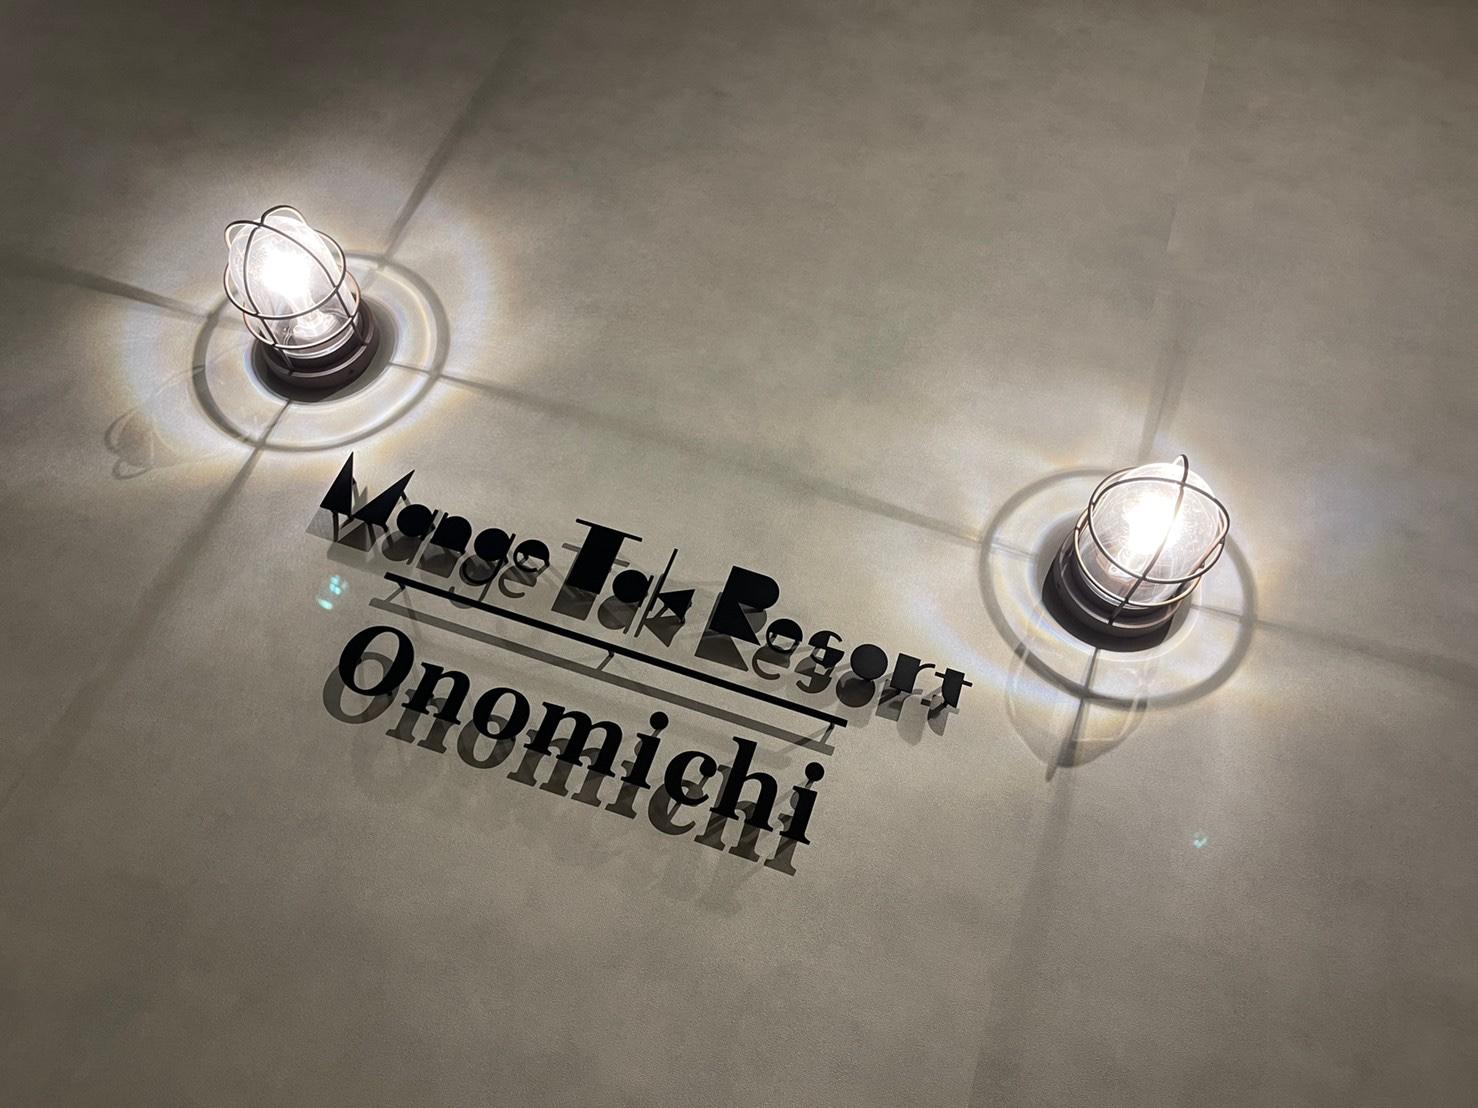 http://www.sora-design.com/images/IMG_6511.JPG